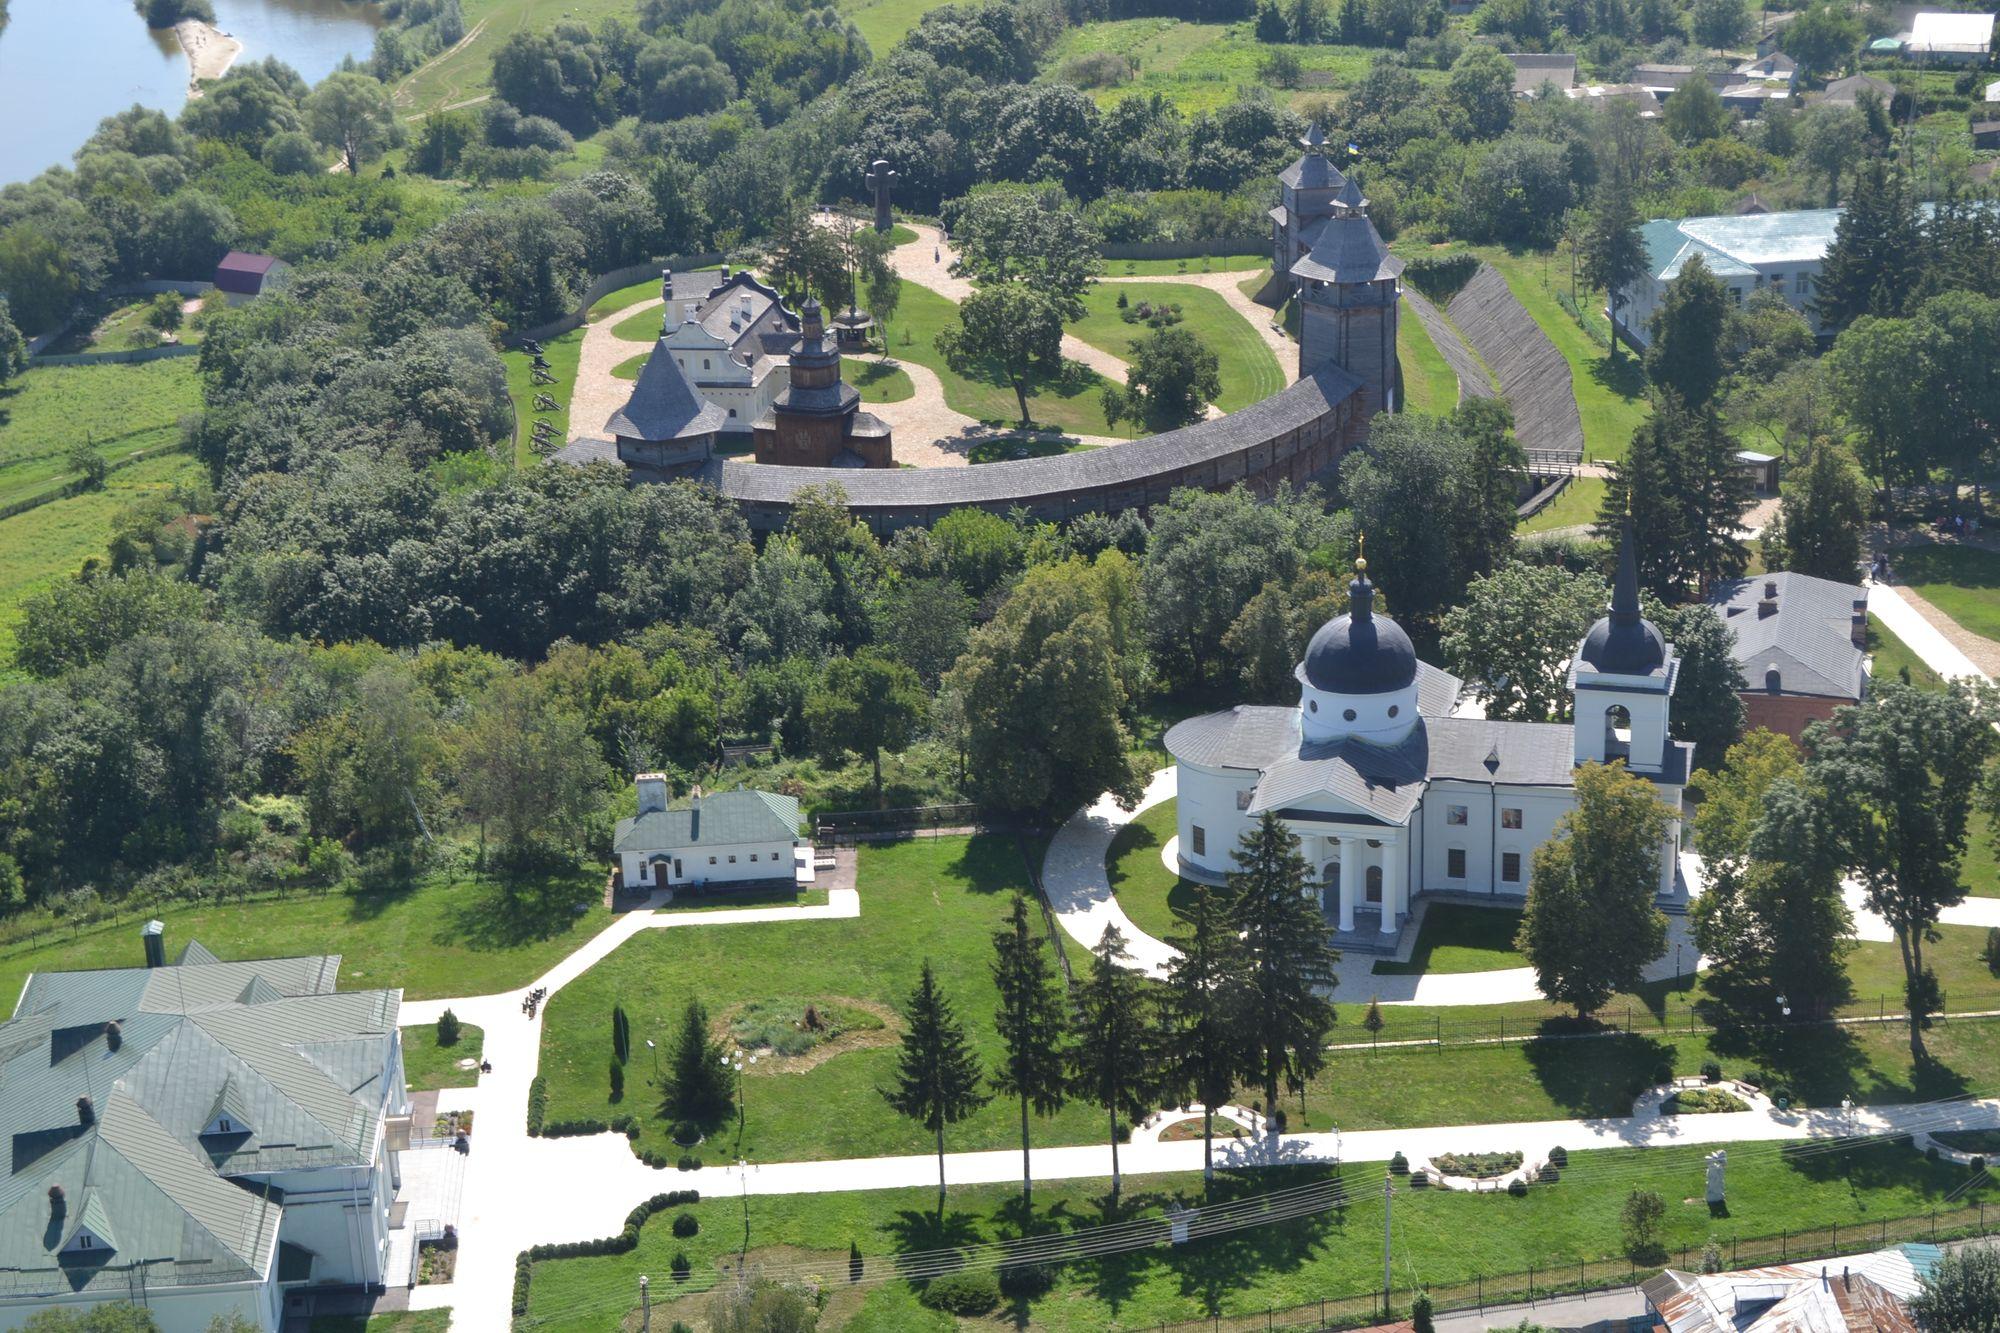 «Мій туристичний край»: на Чернігівщині б'ється серце Гетьманщини (Фото)